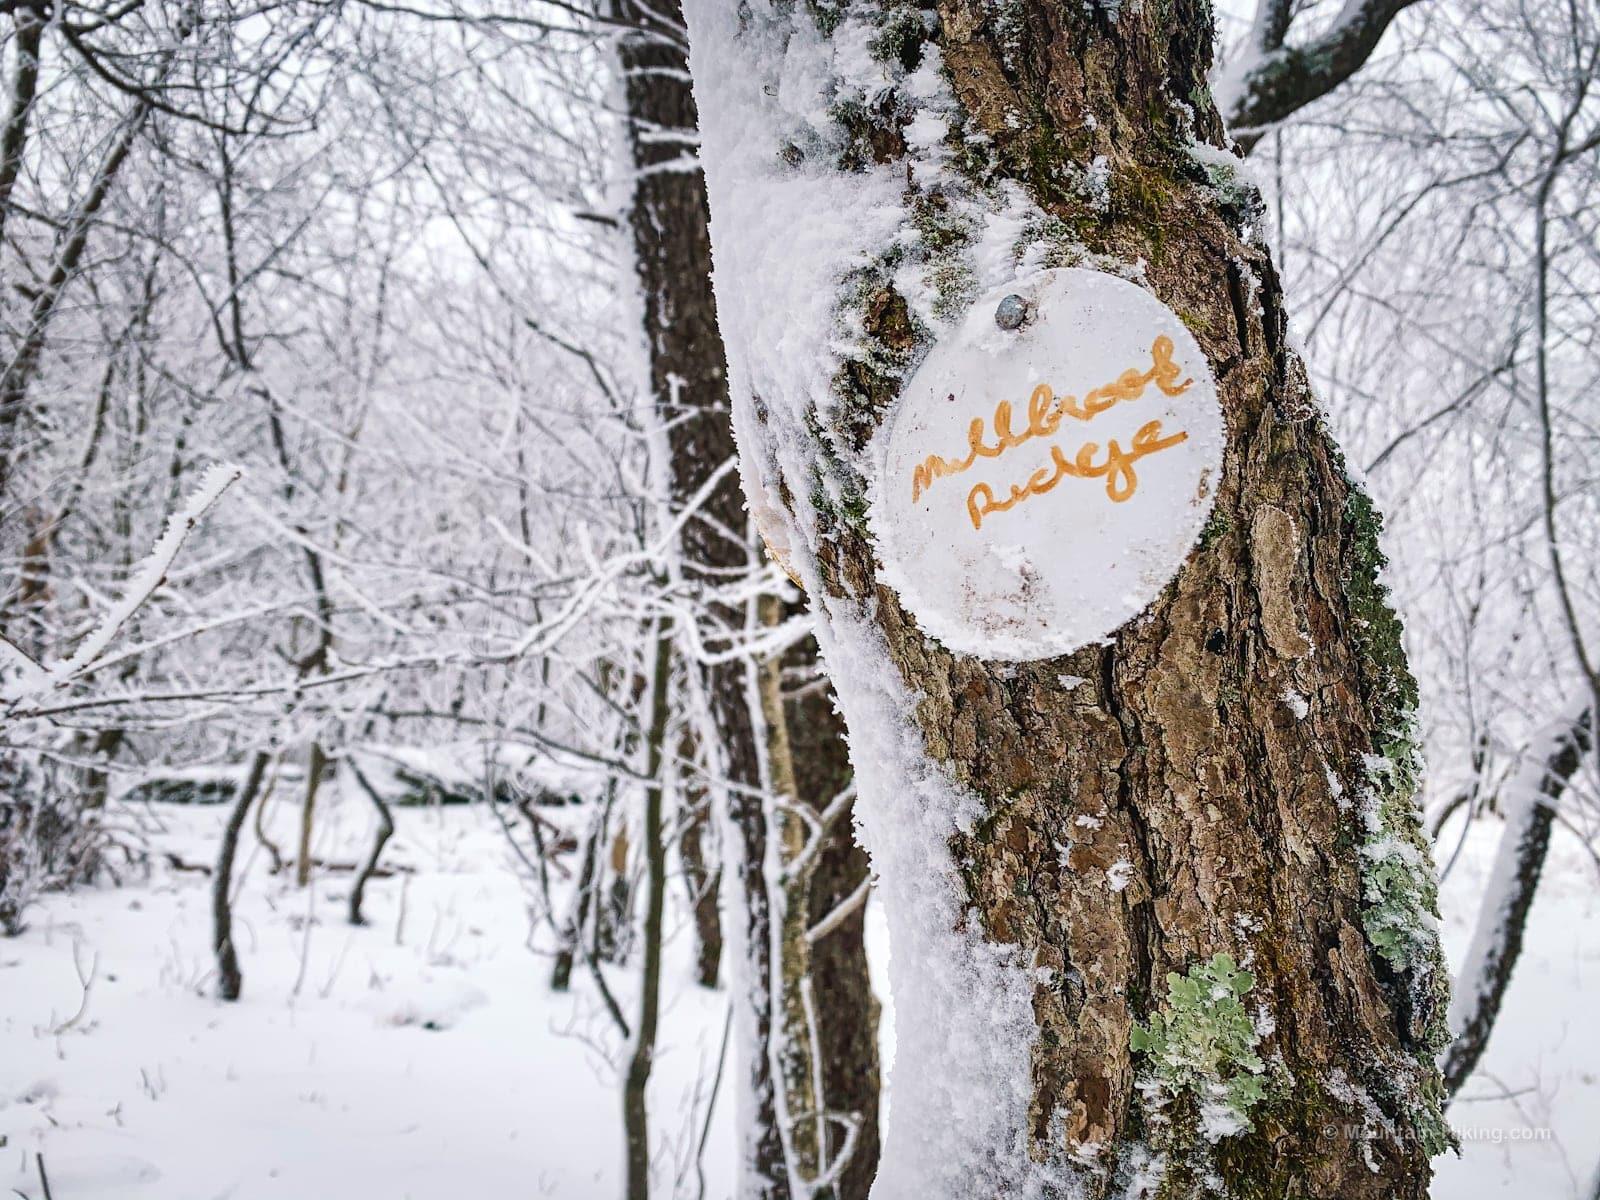 summit marker on tree